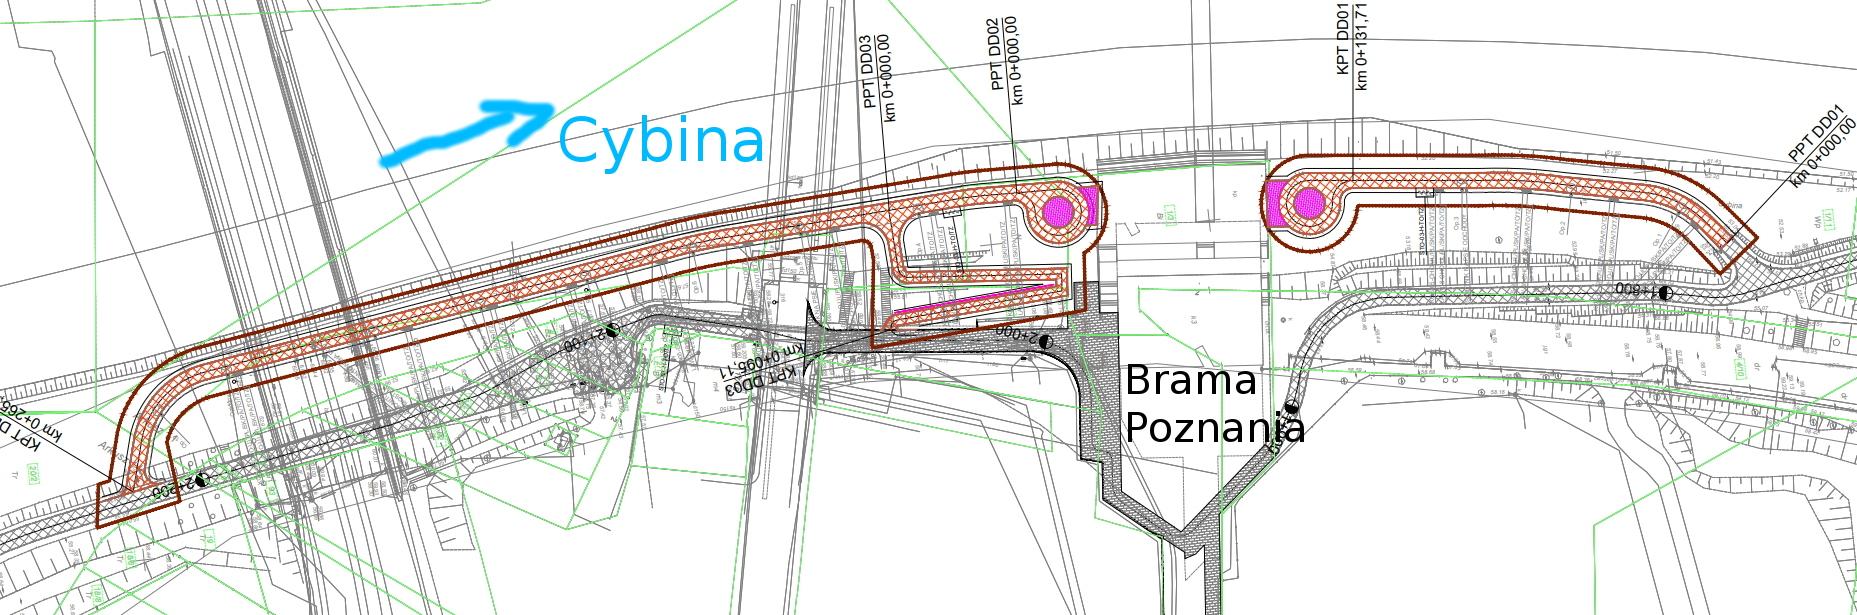 Wartostrada Brama Poznania ślimaki zawracanie rowery projekt